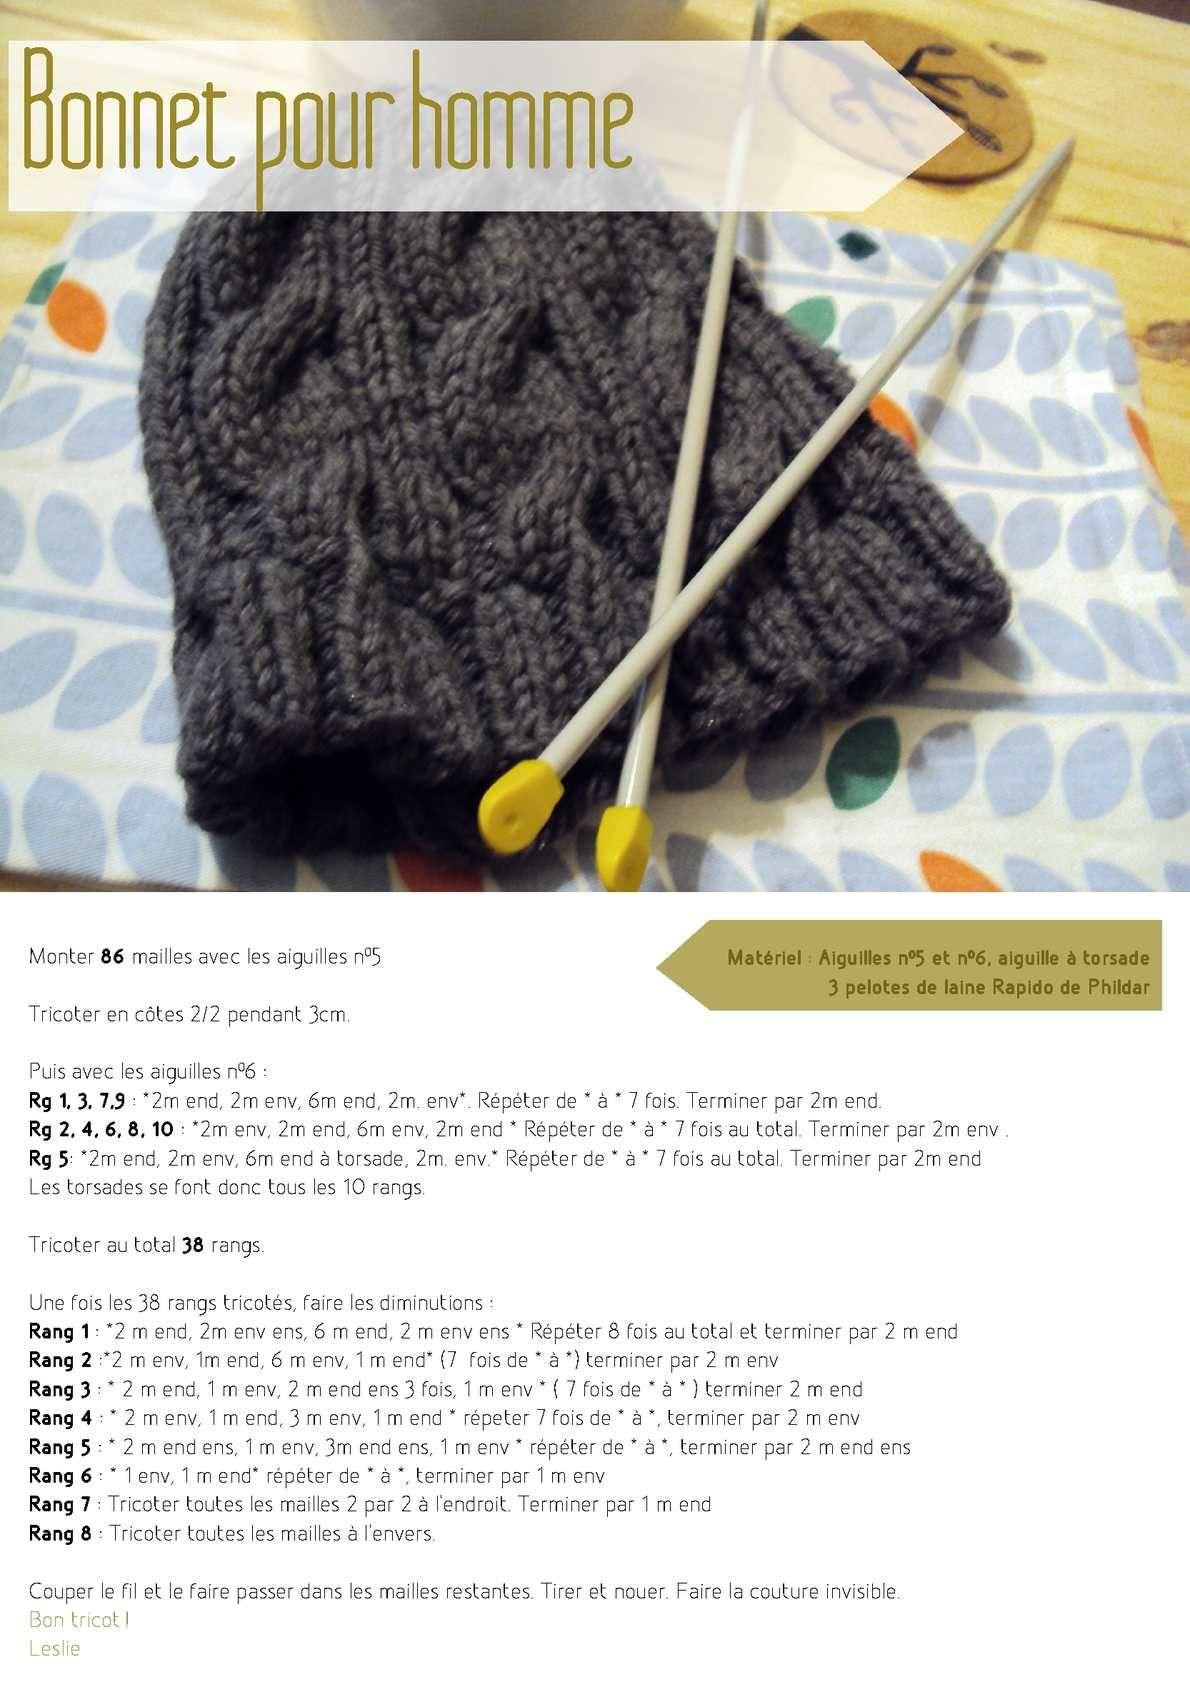 Matériel   Aiguilles n°5 et n°6, aiguille à torsade 3 pelotes de laine  Rapido de Phildar Bonnetpourhomme Monter 86 mailles avec les aiguilles n°5  Tricoter ... 416320d5de7